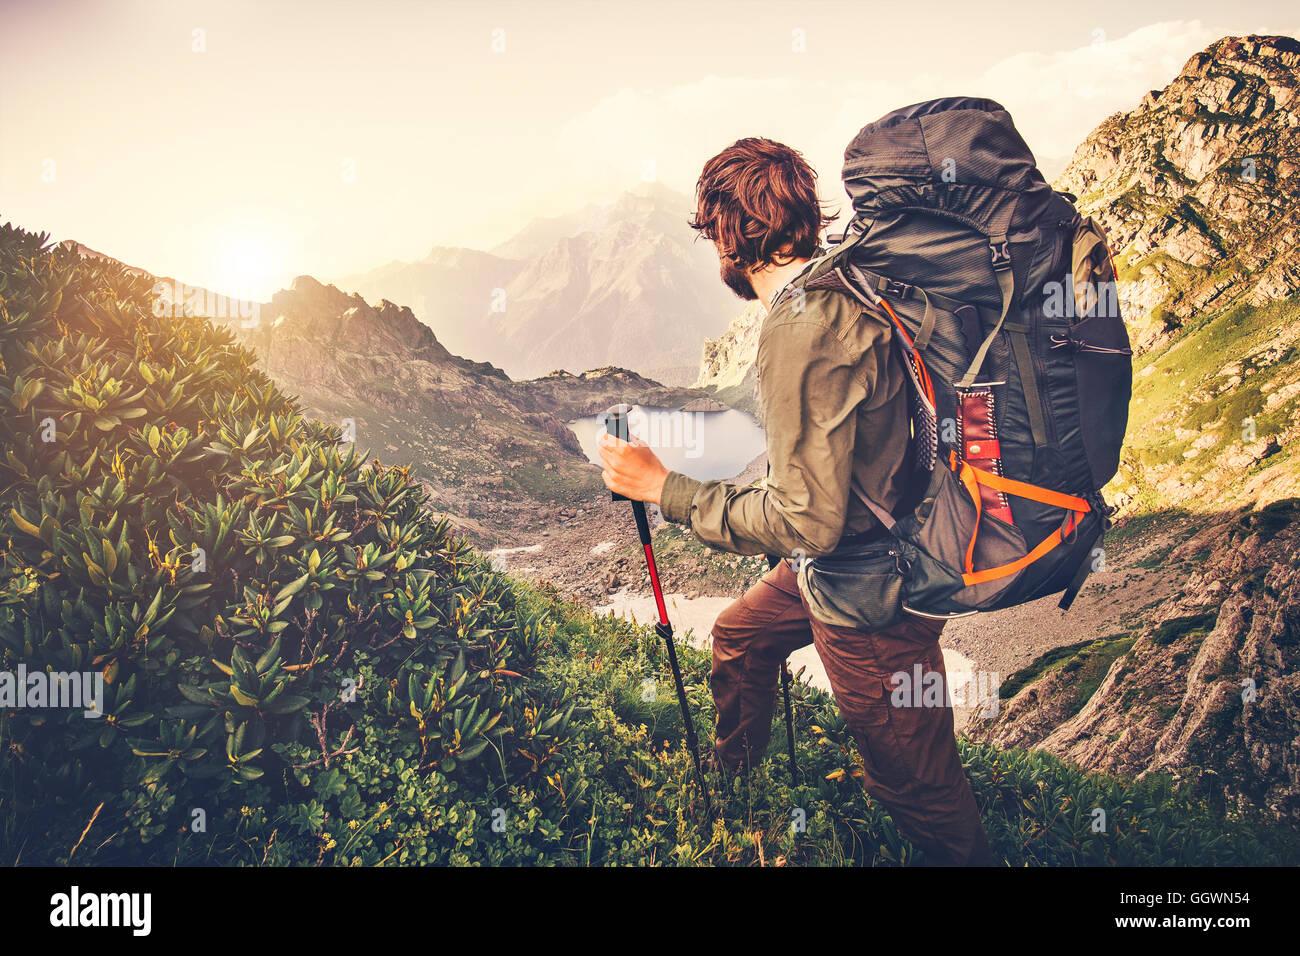 L'uomo viaggiatore con zaino alpinismo viaggio concetto di stile di vita del lago e delle montagne sullo sfondo Immagini Stock